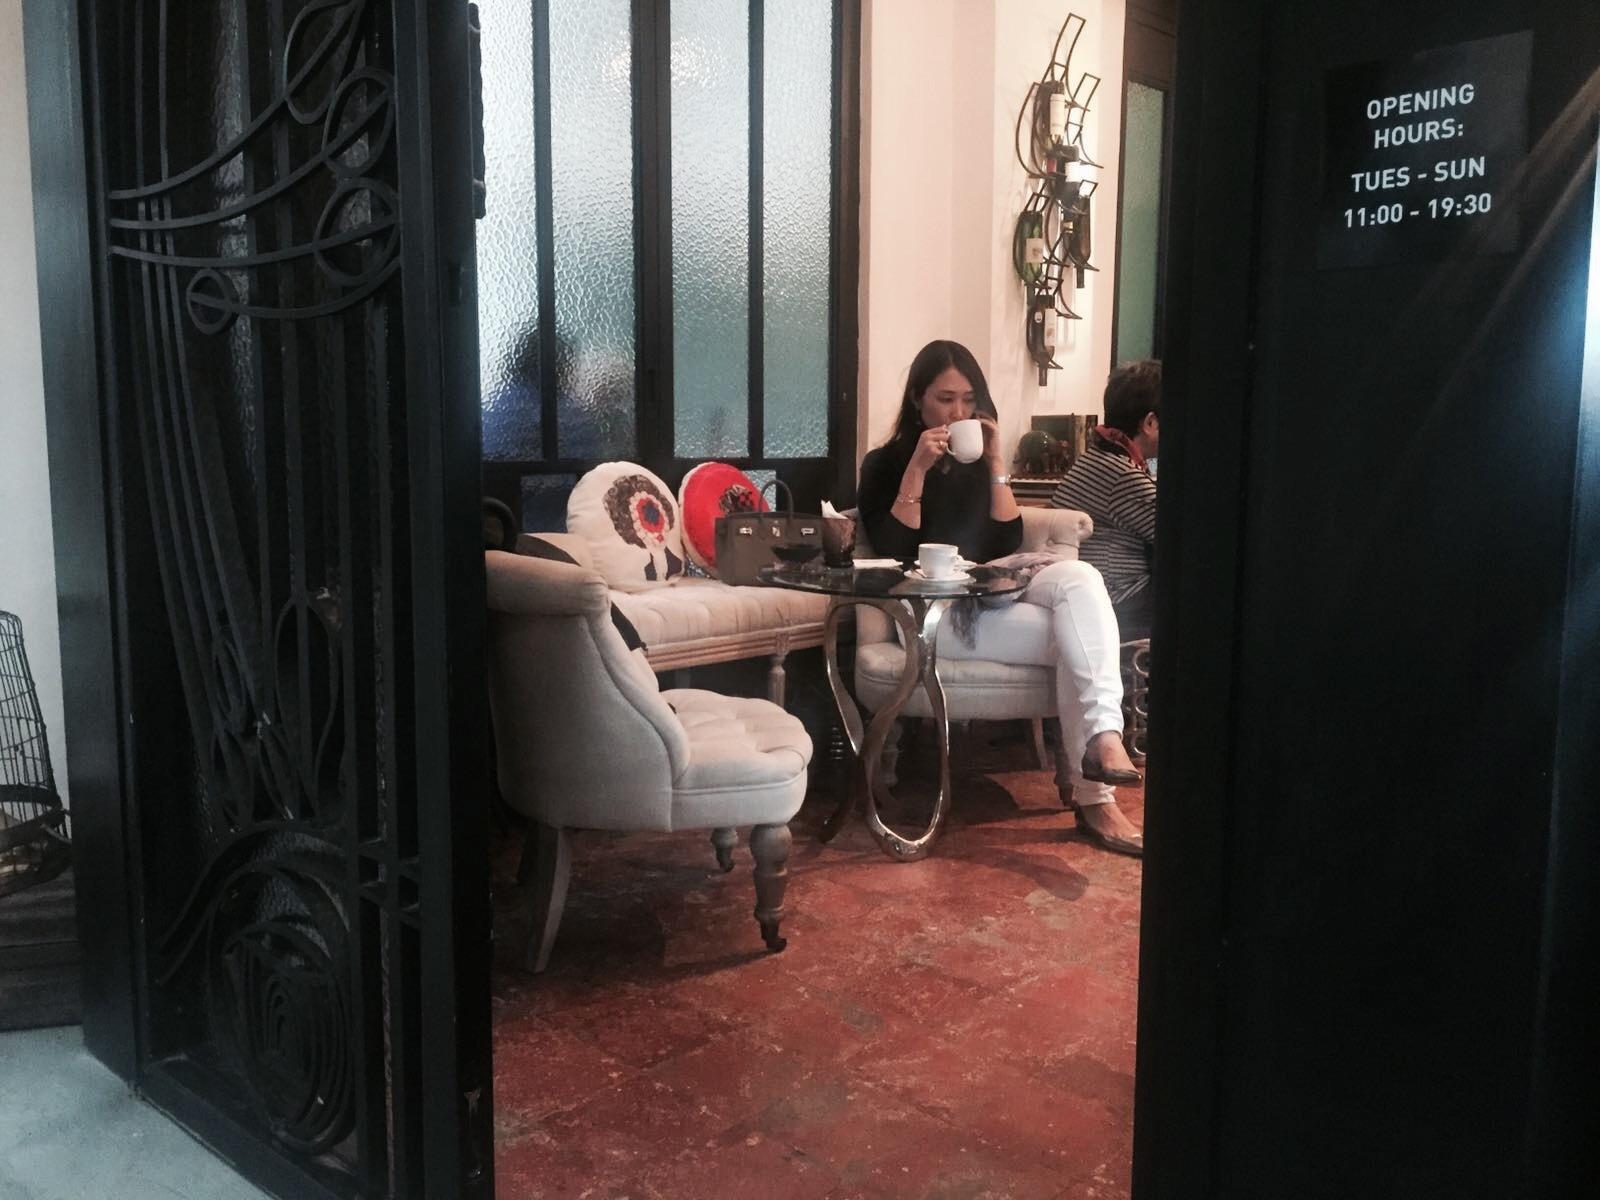 香港のおすすめ穴場隠れ家カフェ。こんな香港見たことない!_1_4